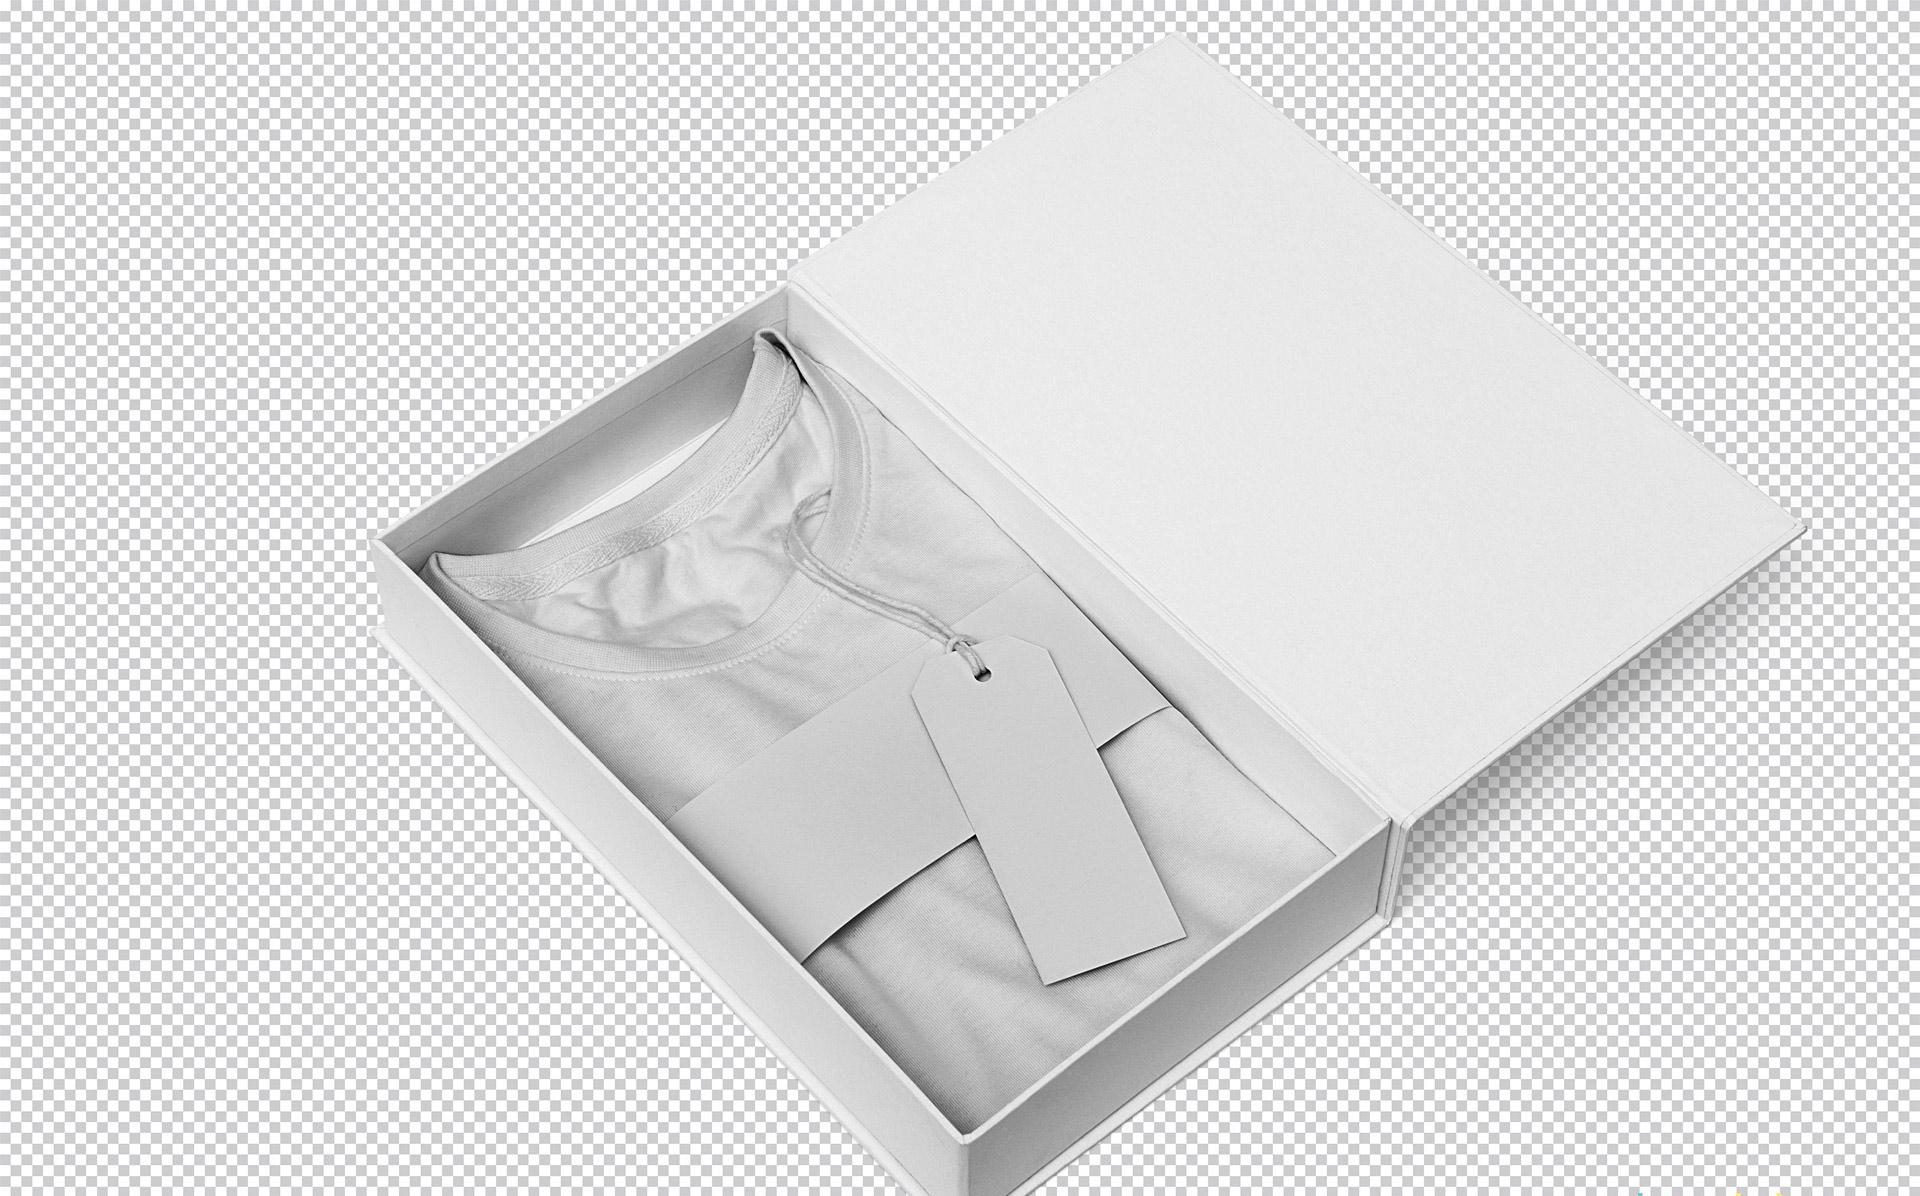 T恤衫包装盒插画展示样机&插画 智能贴图样机Stunning Tee Shirt Mockup